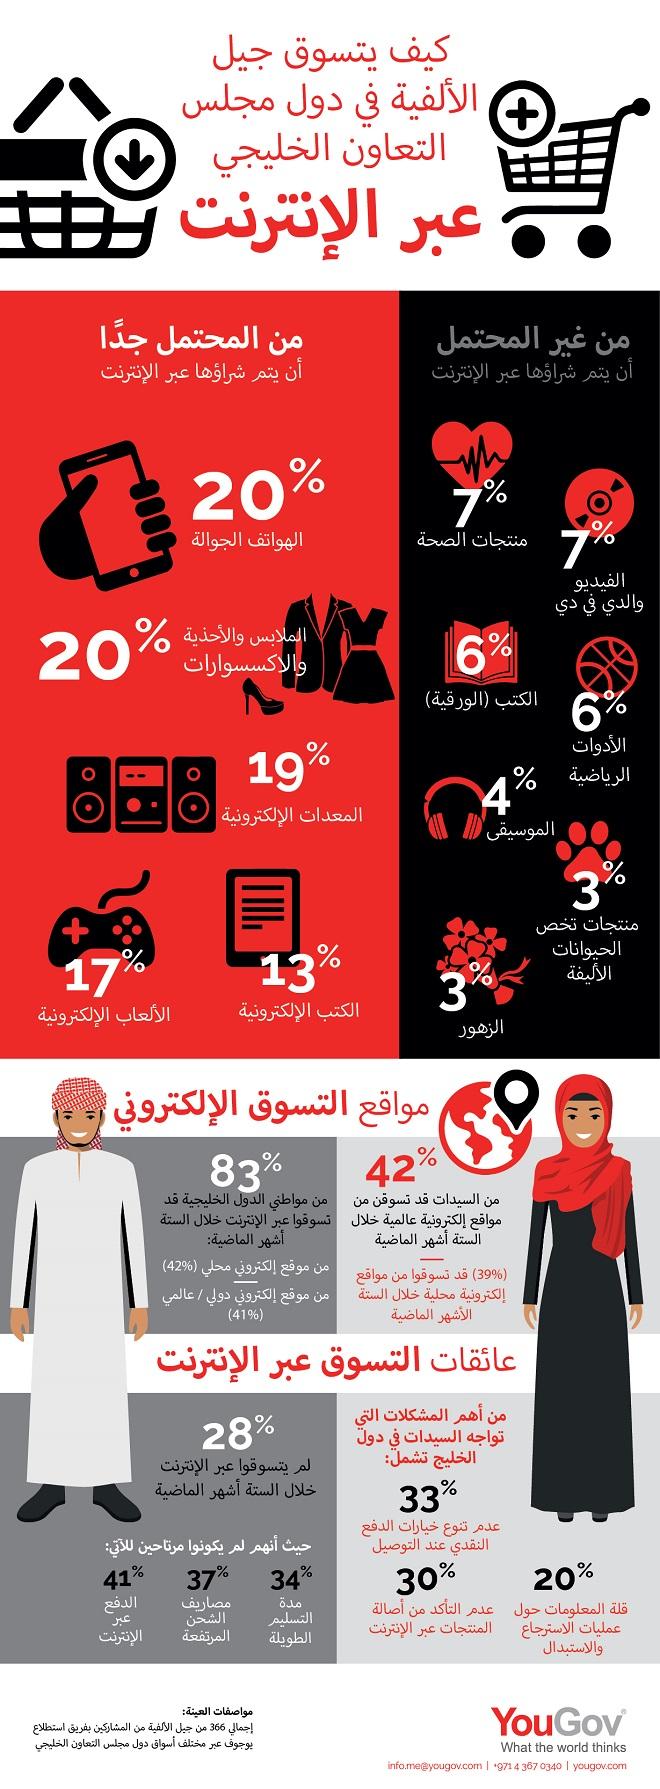 كيف يتسوق جيل الألفية في دول مجلس التعاون الخليجي عبر الإنترنت؟